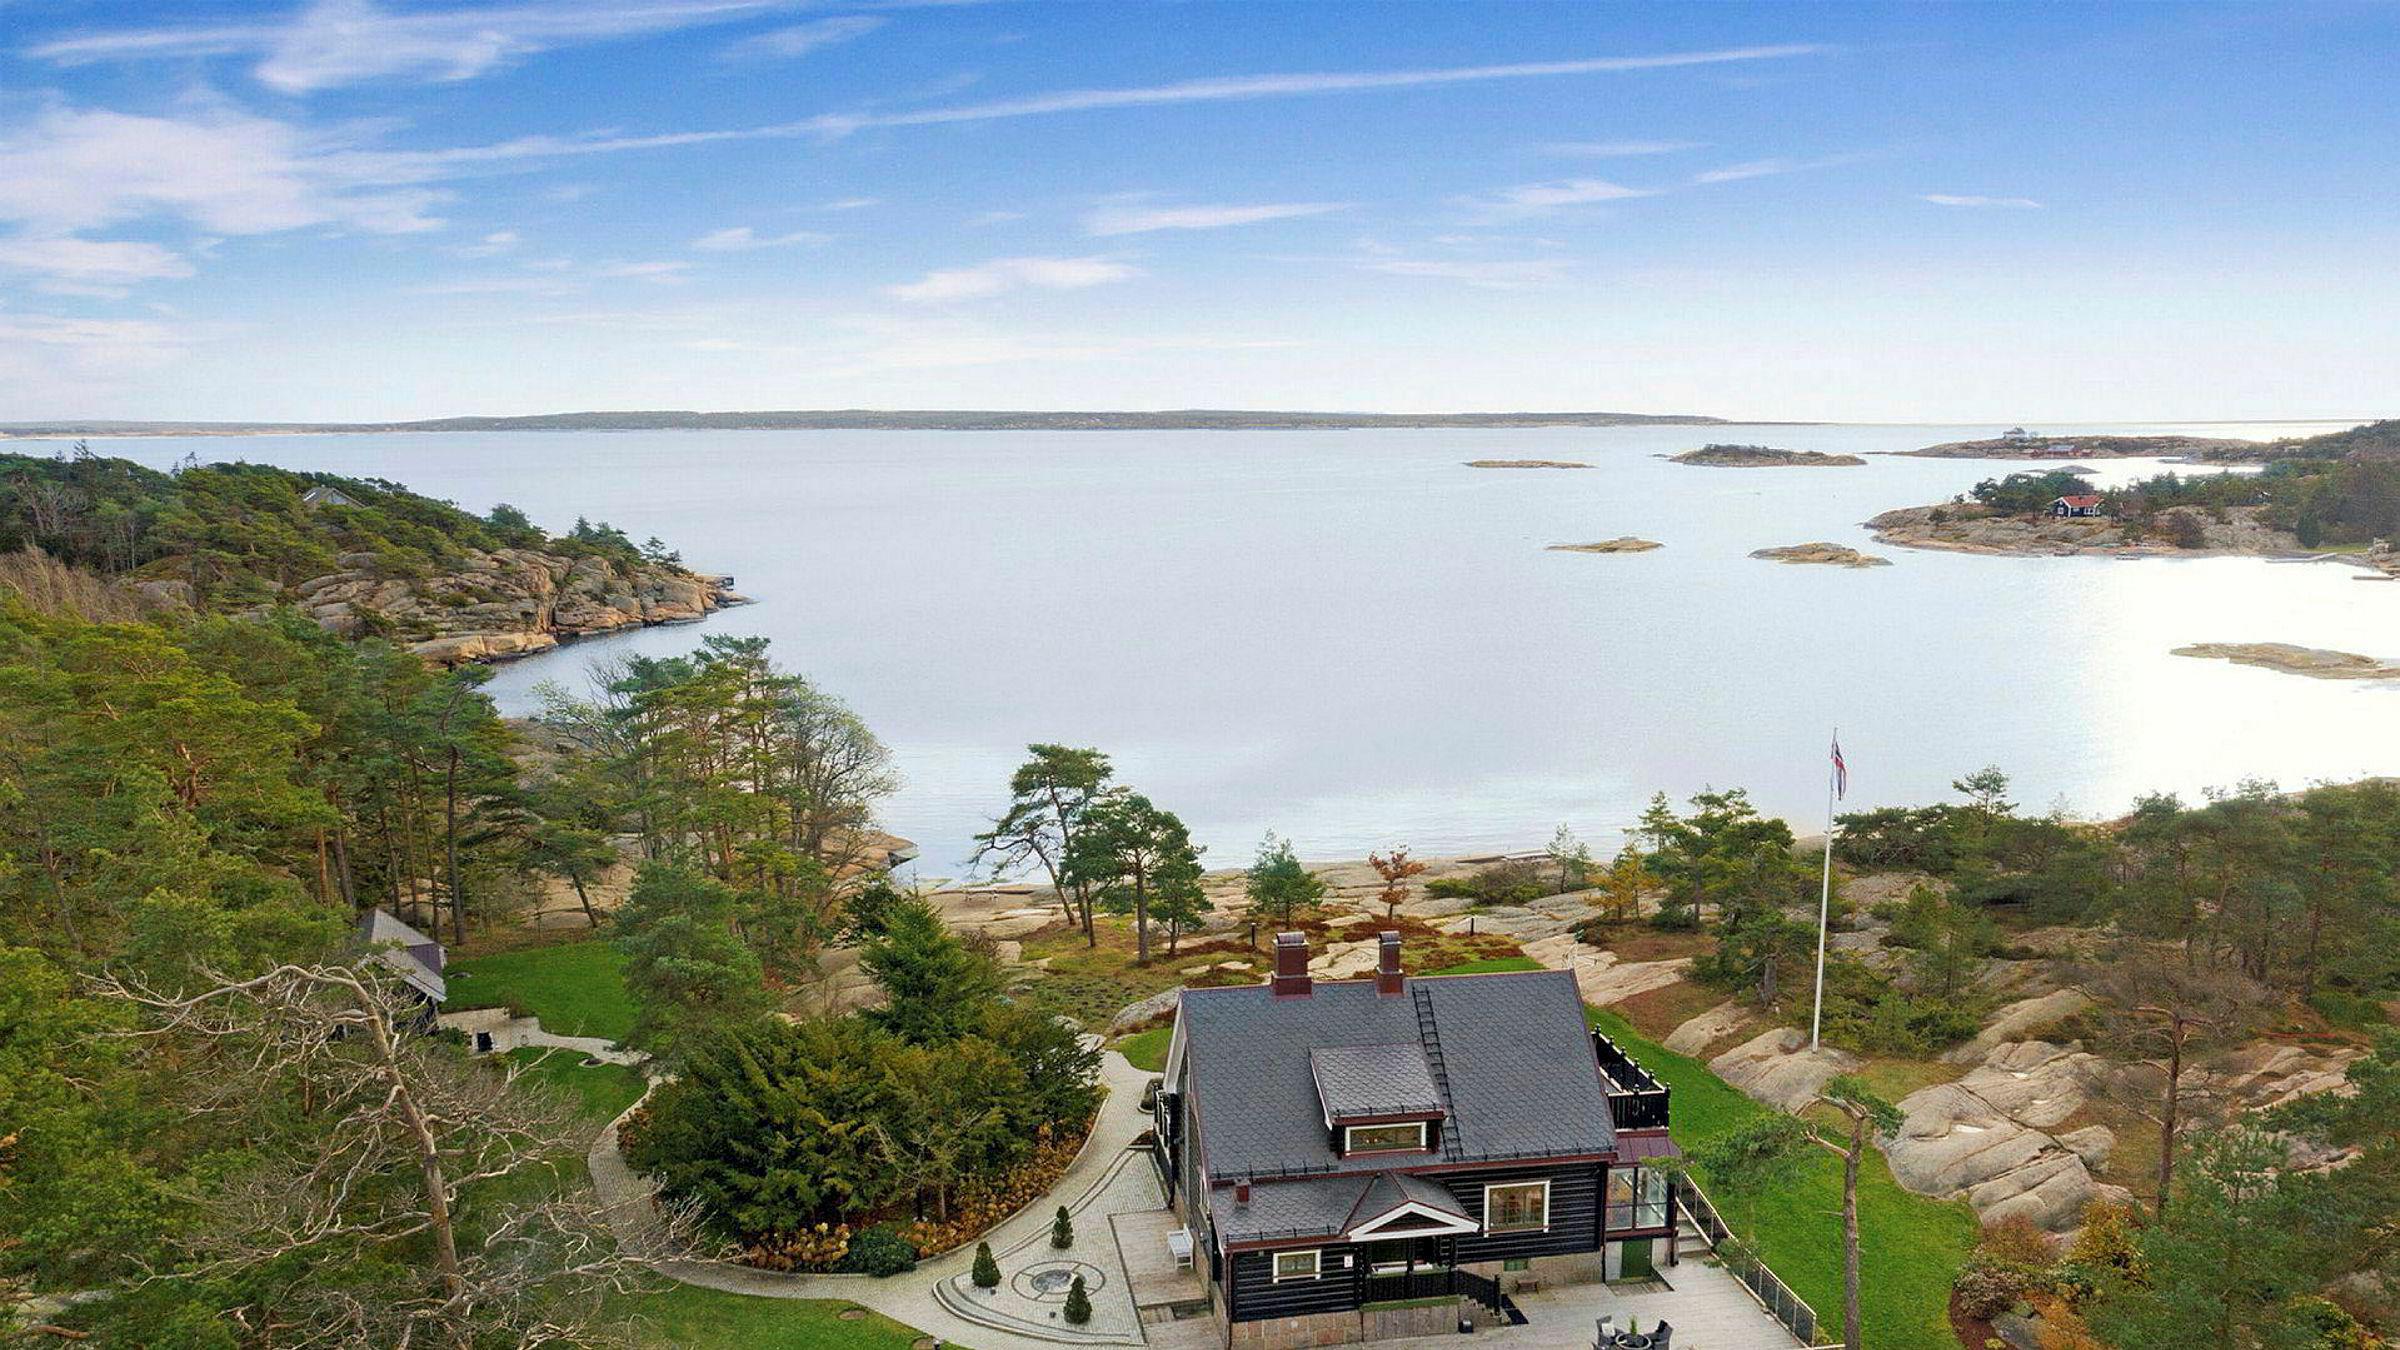 Tore Tidemandsens landsted med utsikt mot Hvaler, Vestfold og Strømtangen fyr, er solgt. Men prisen er foreløpig hemmelig.